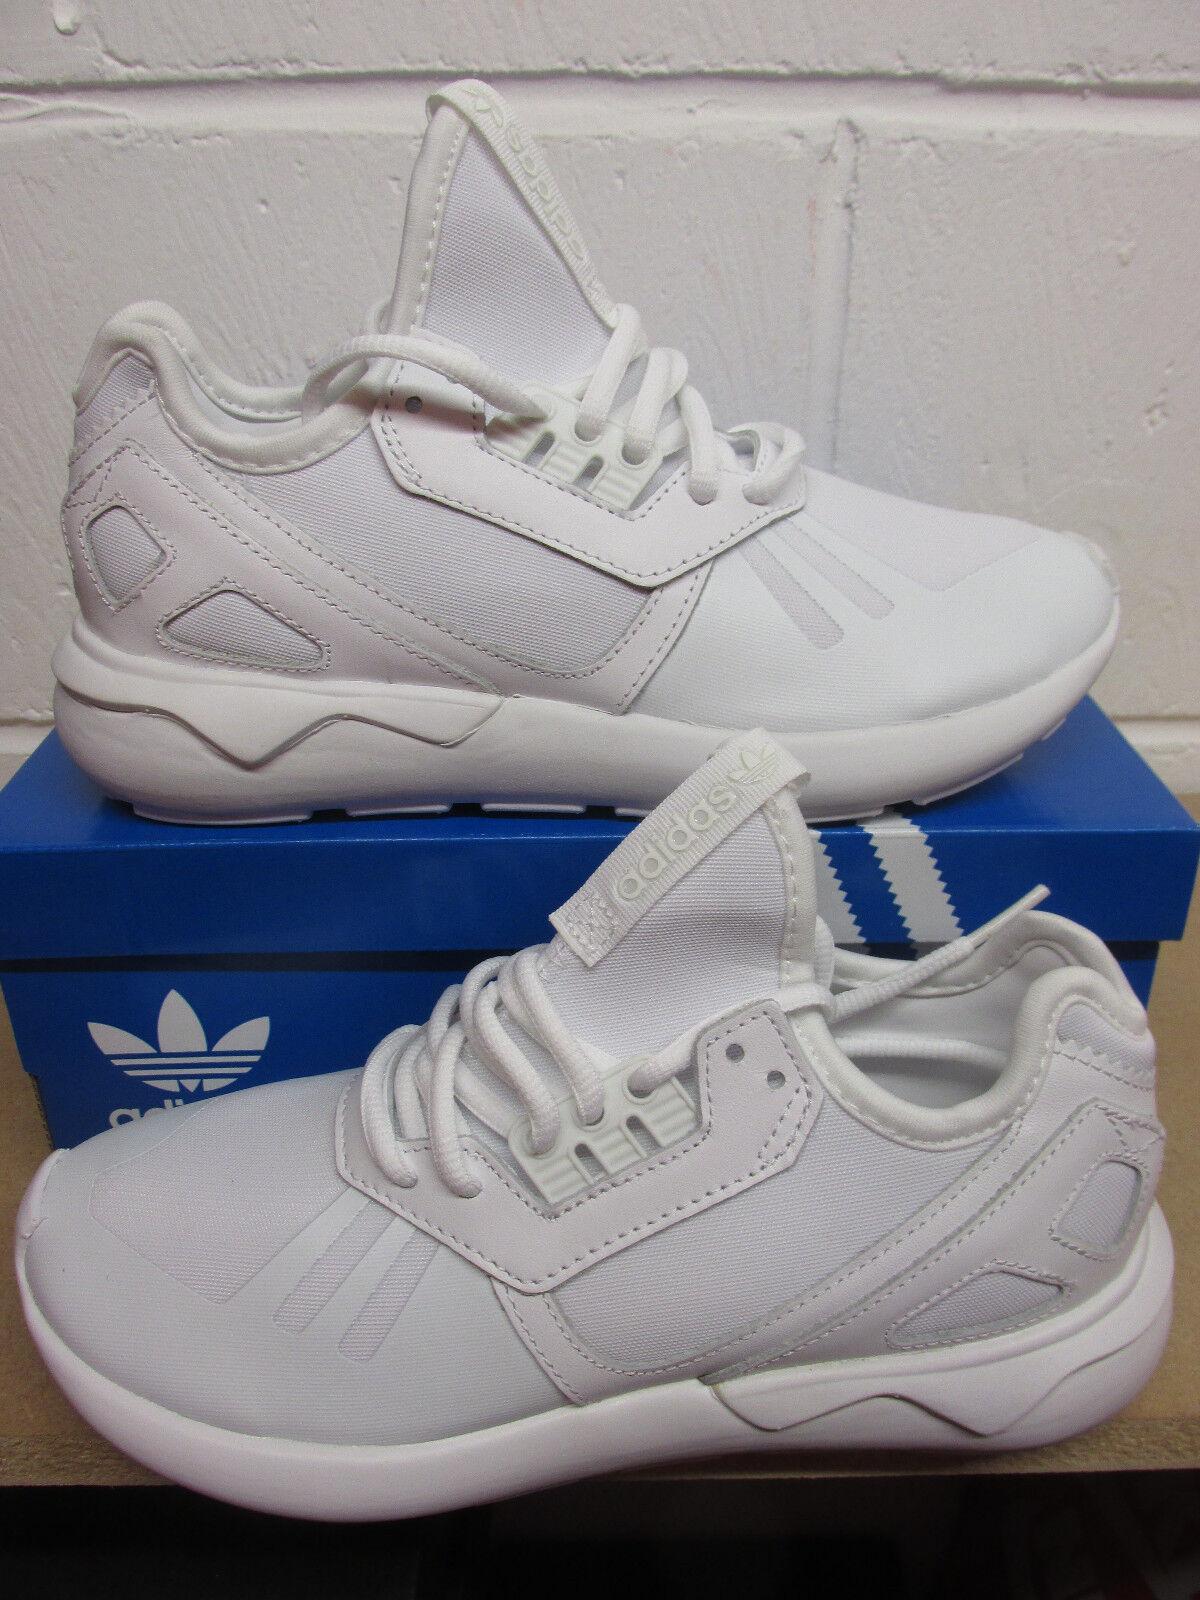 Adidas Originals Corredor de Tubular Zapatillas Mujer Zapatillas Running B25087 Zapatillas Tubular f5011e